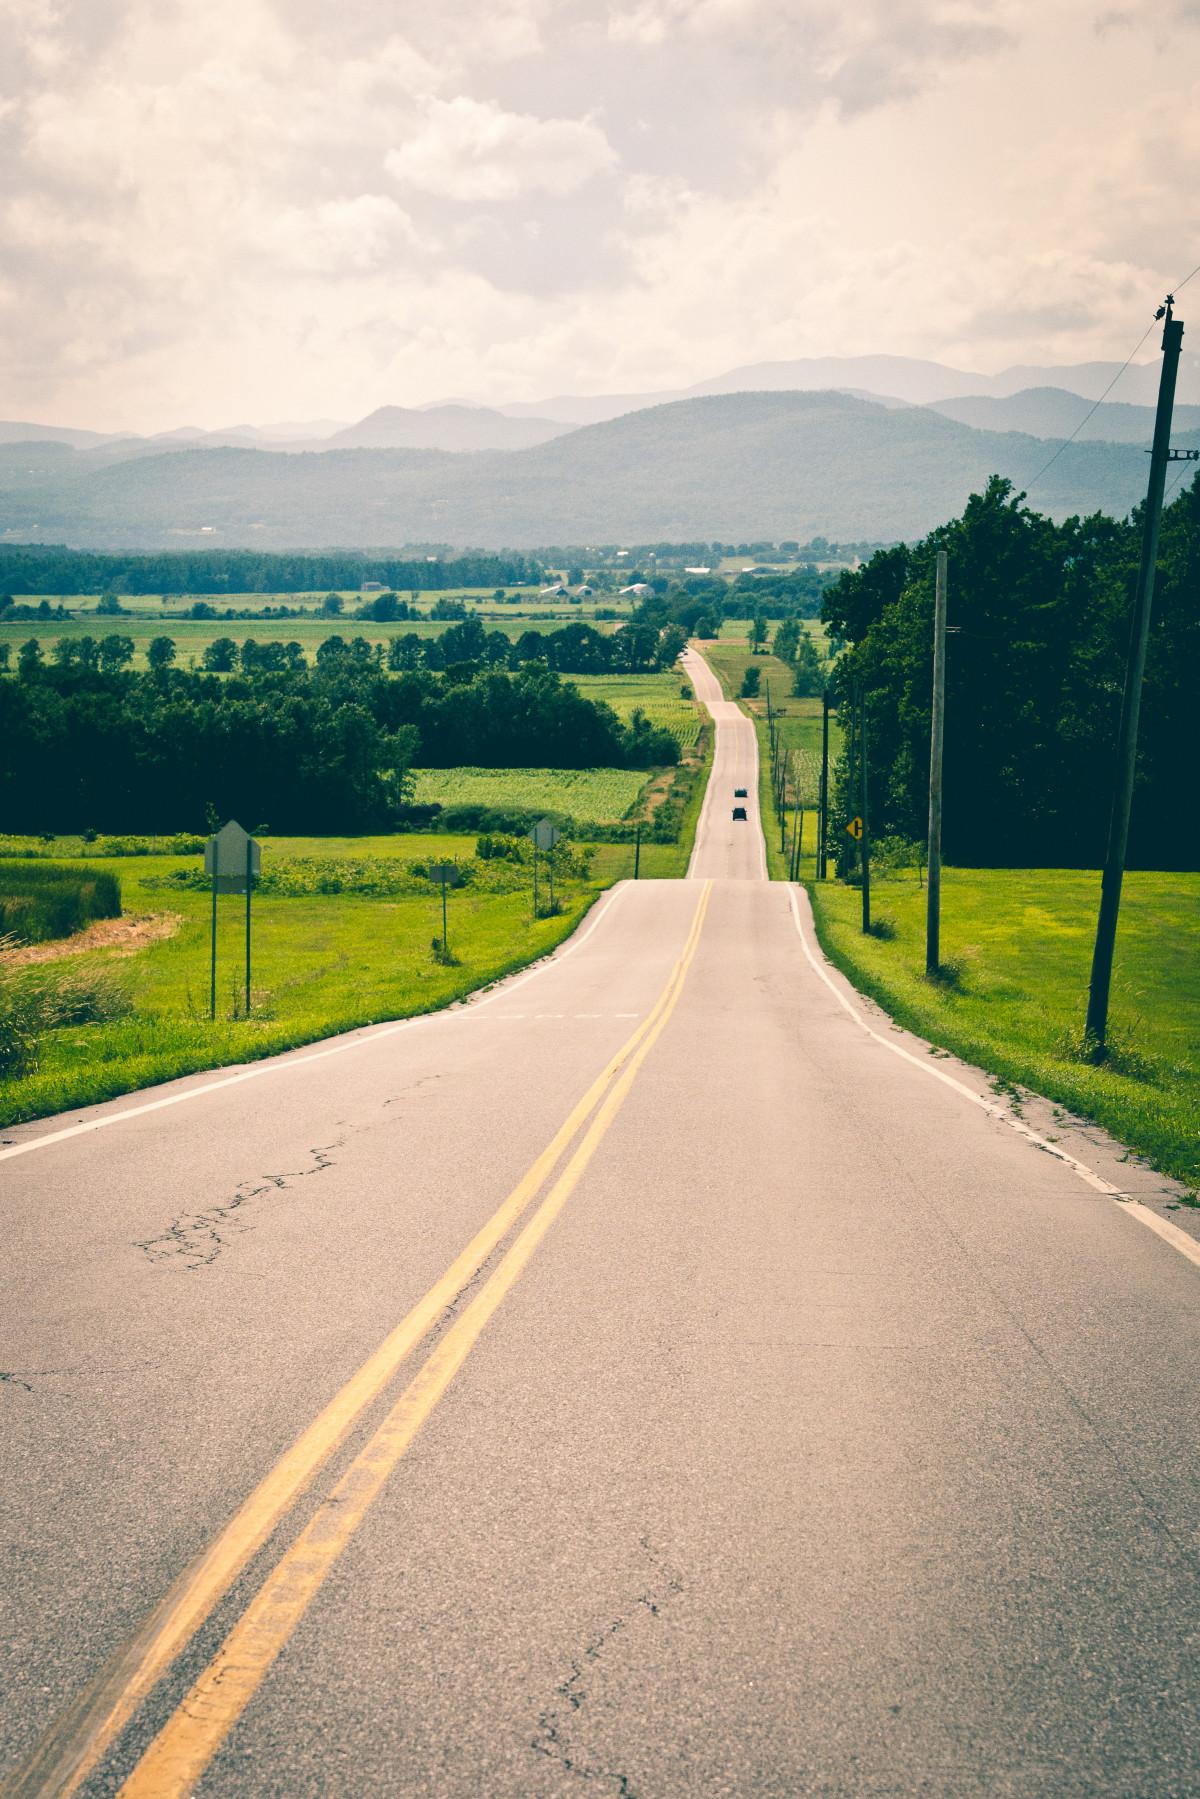 Free Images : landscape, horizon, mountain, cloud, sky ...